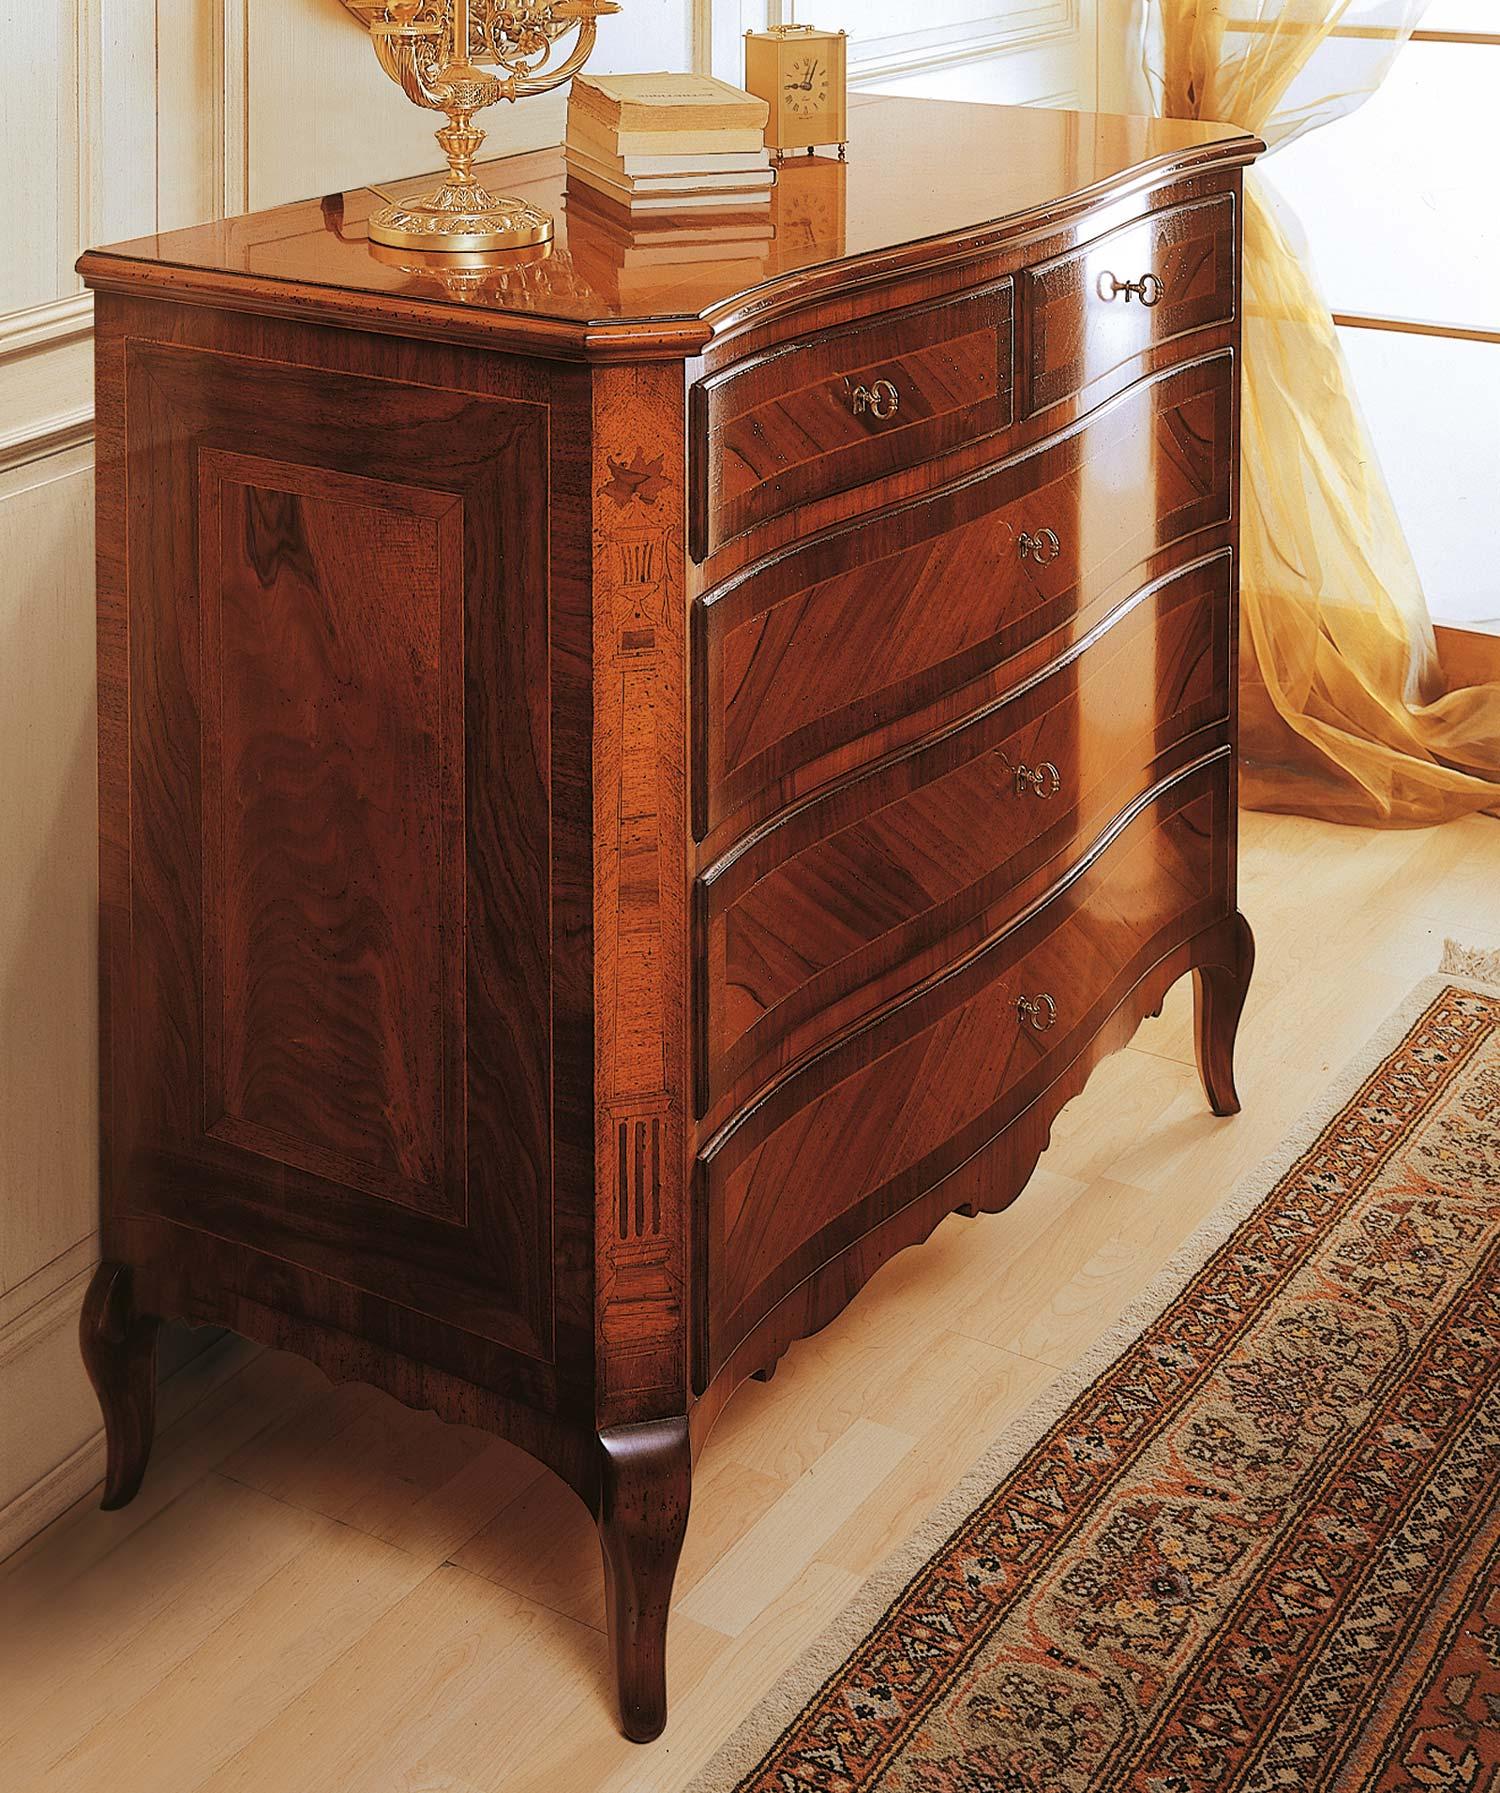 Camera da letto classica 800 francese com in noce - Camera da letto in francese ...